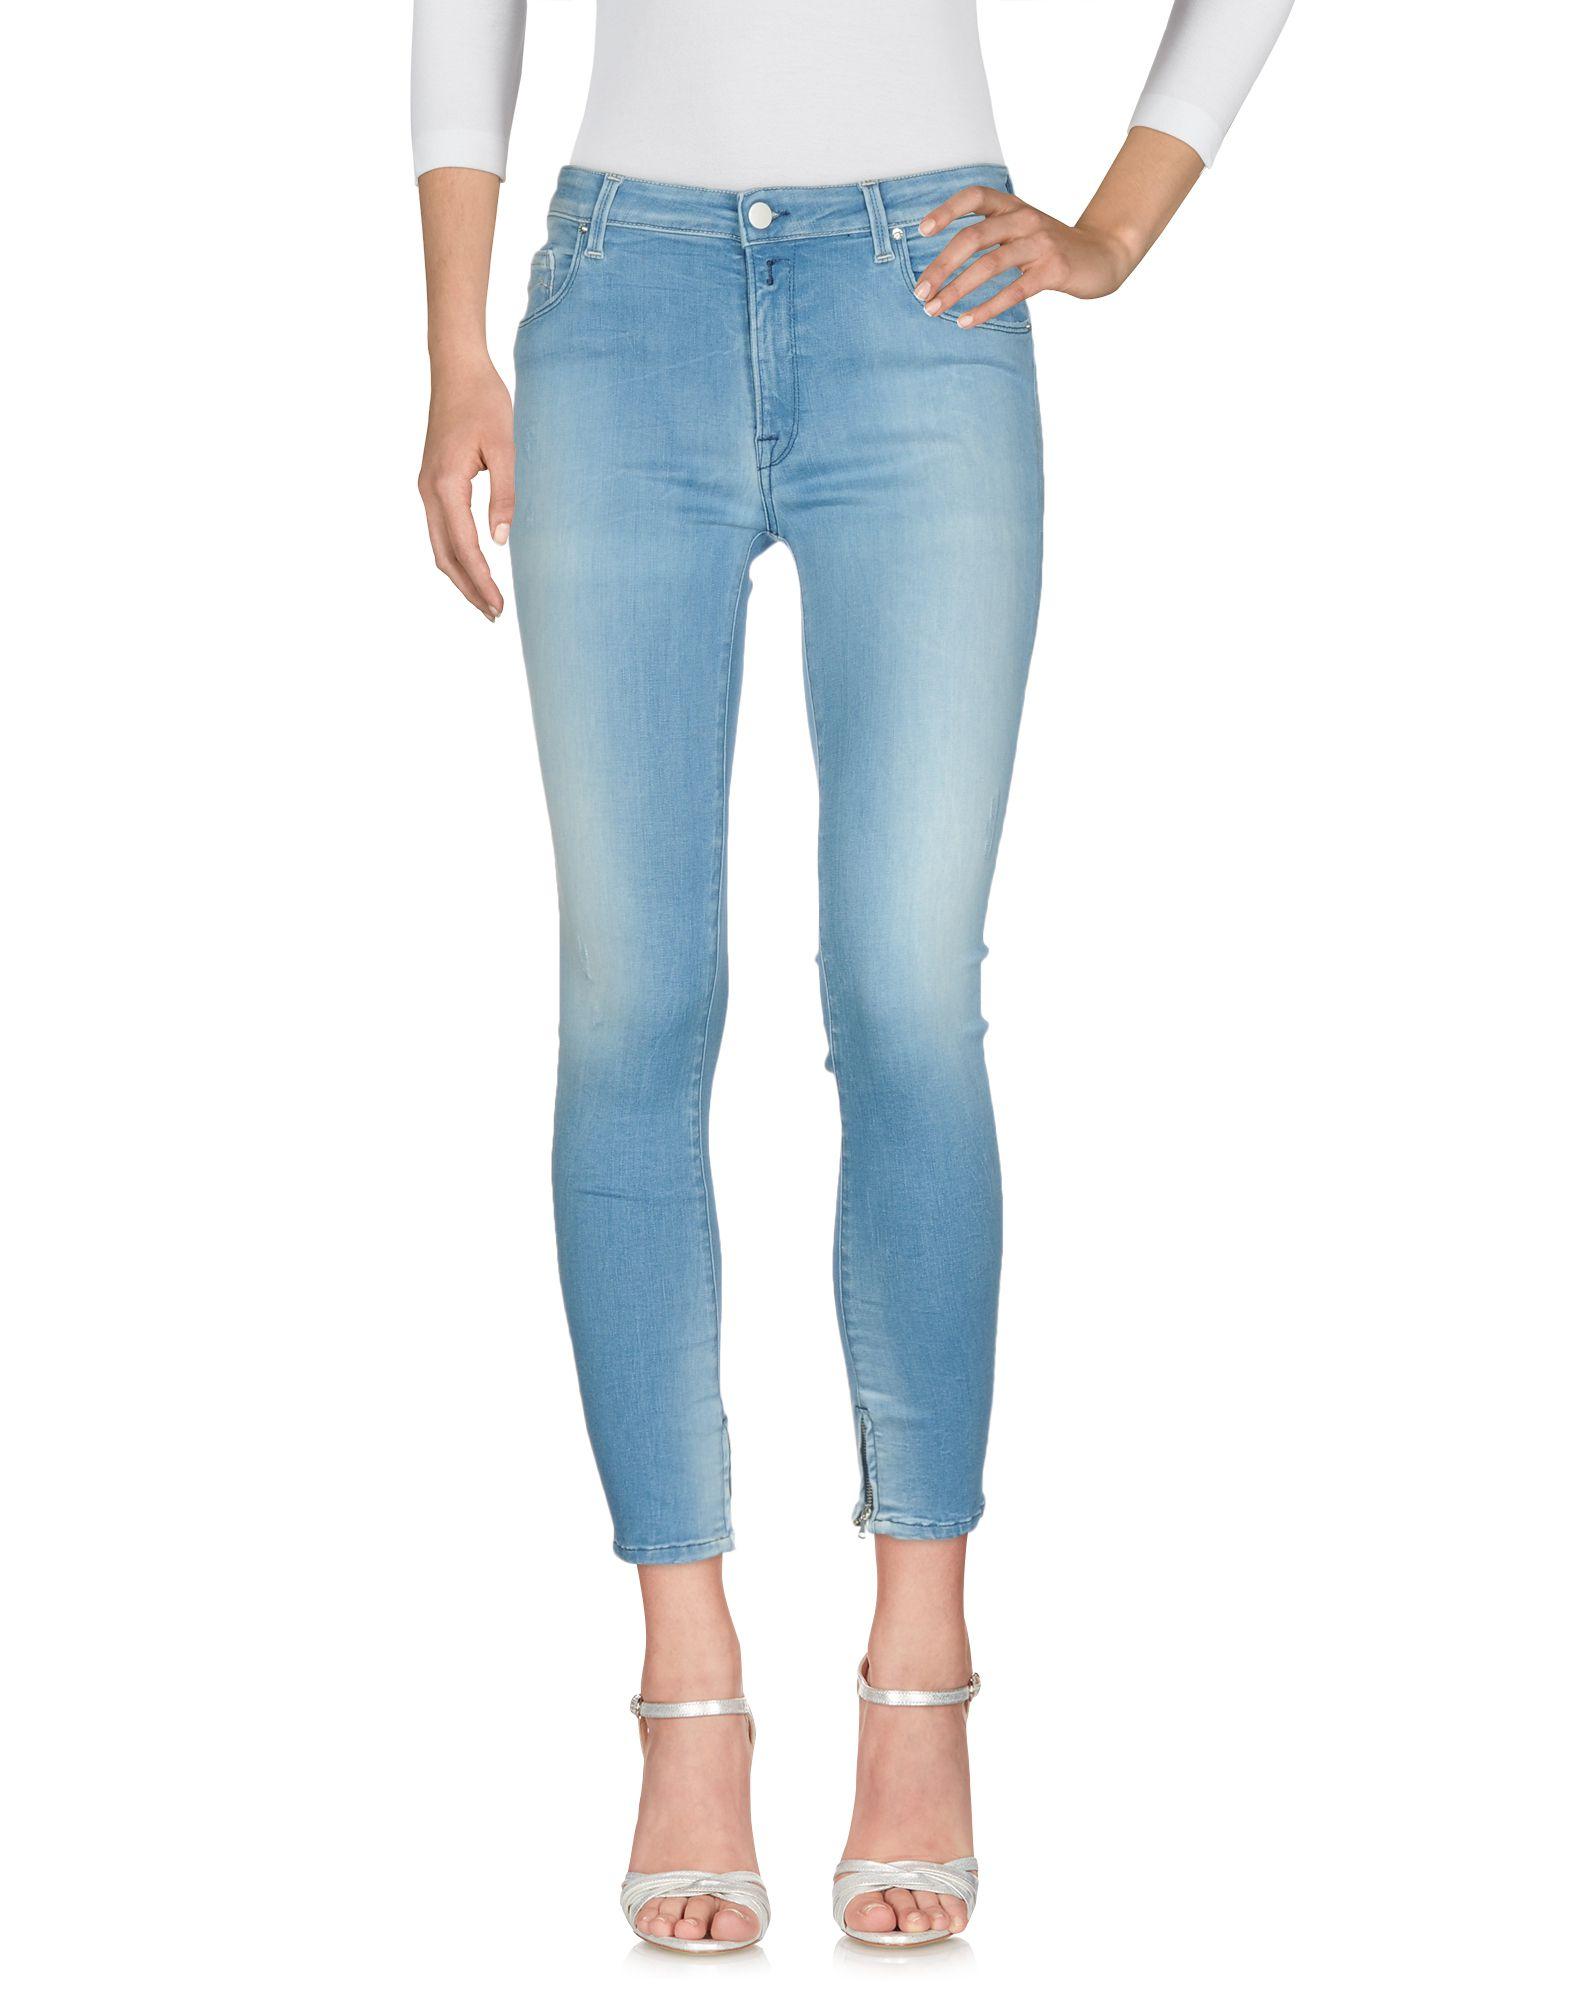 REPLAY Denim Pants in Blue